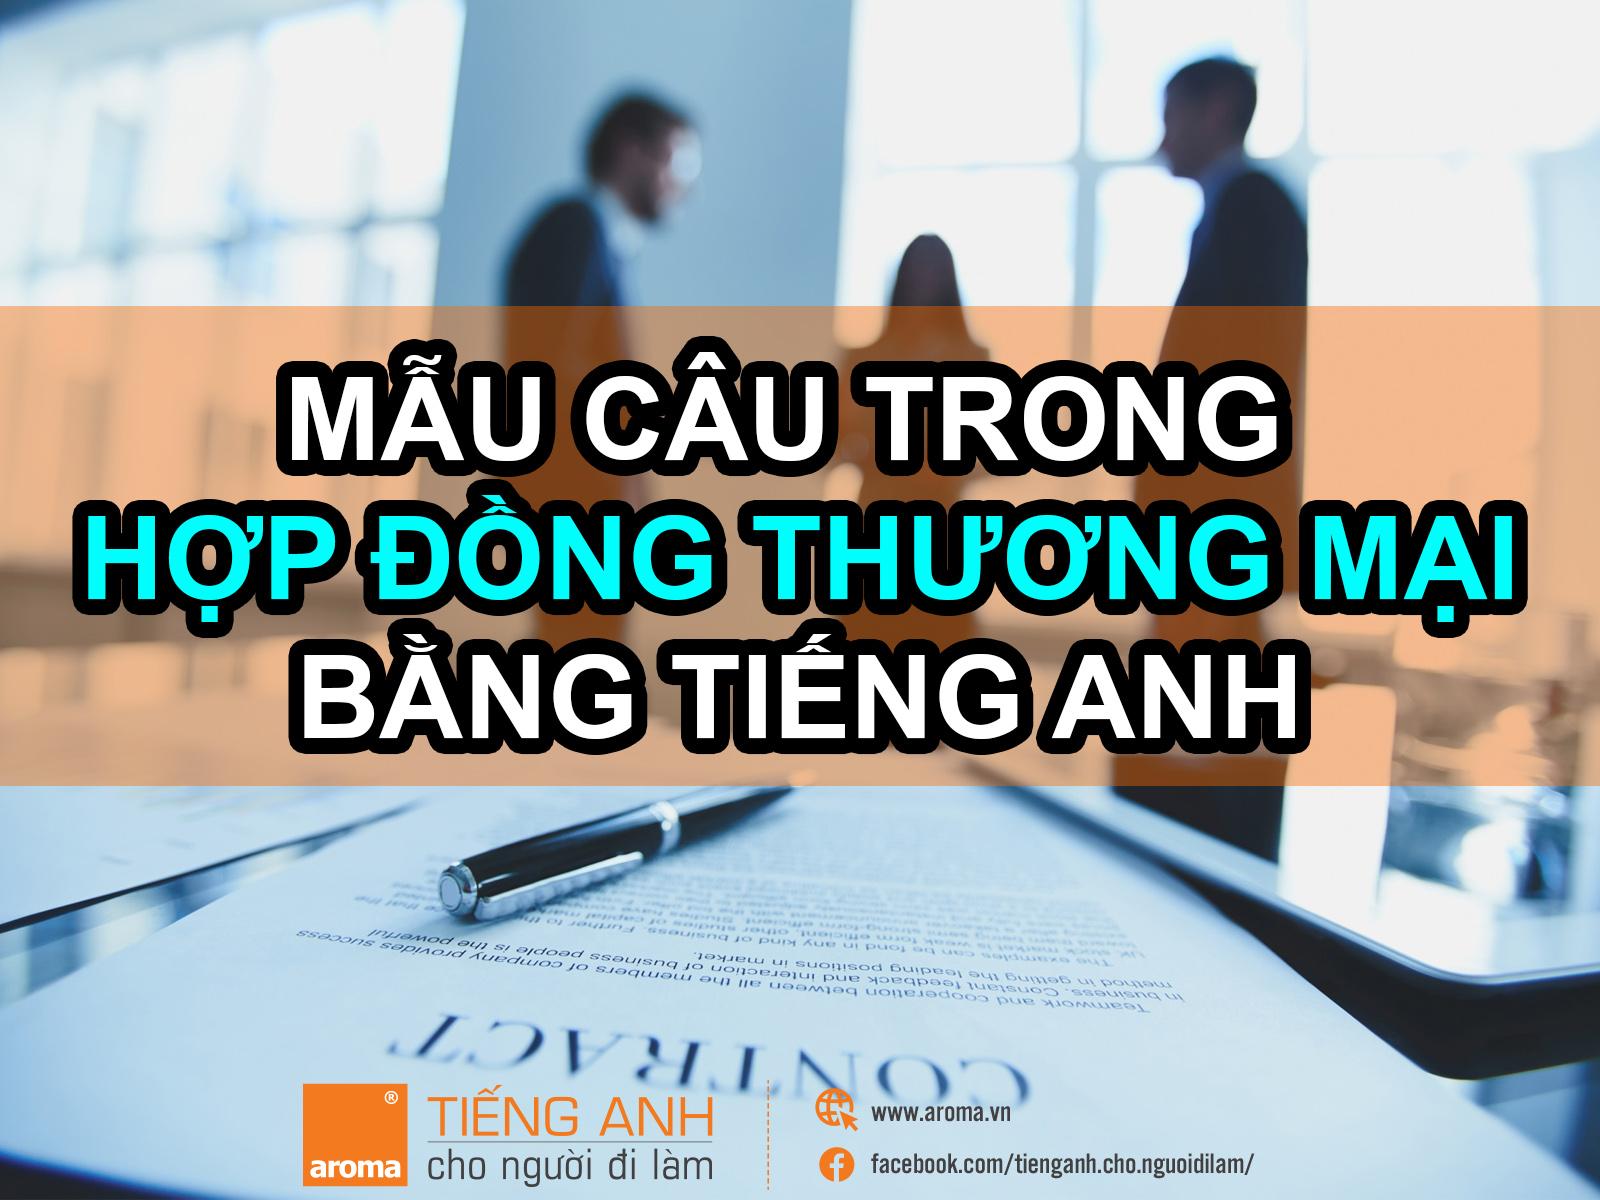 hop dong thuong mai bang tieng anh